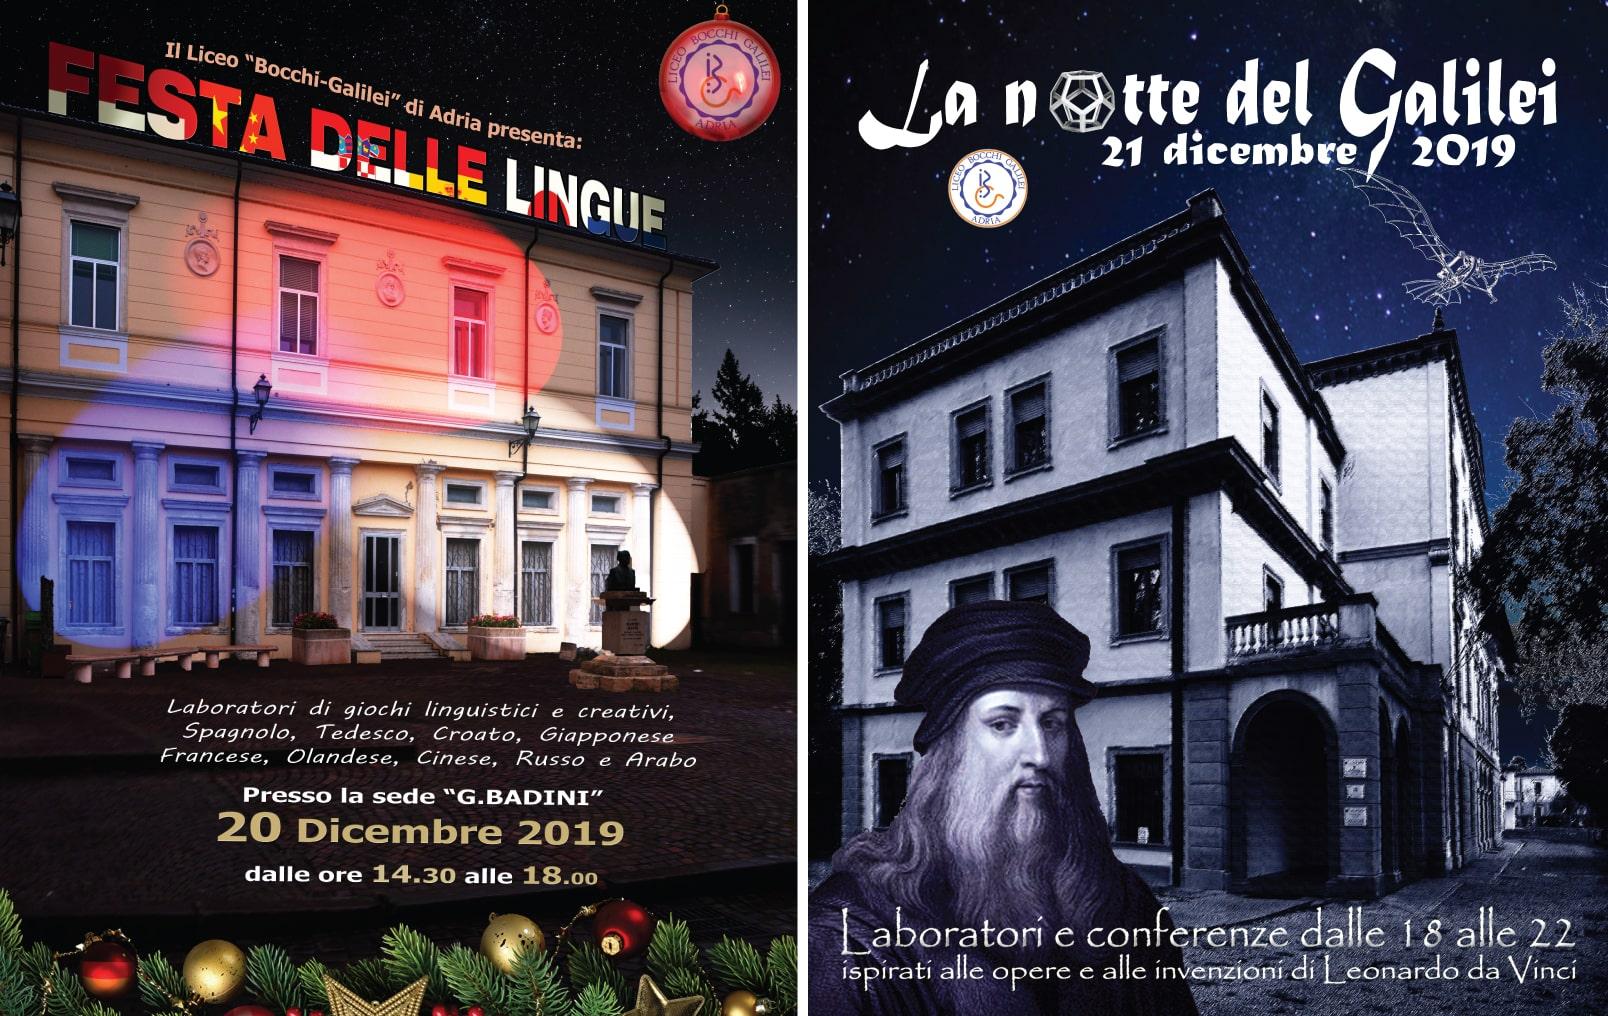 Festa delle Lingue & Notte del Galilei